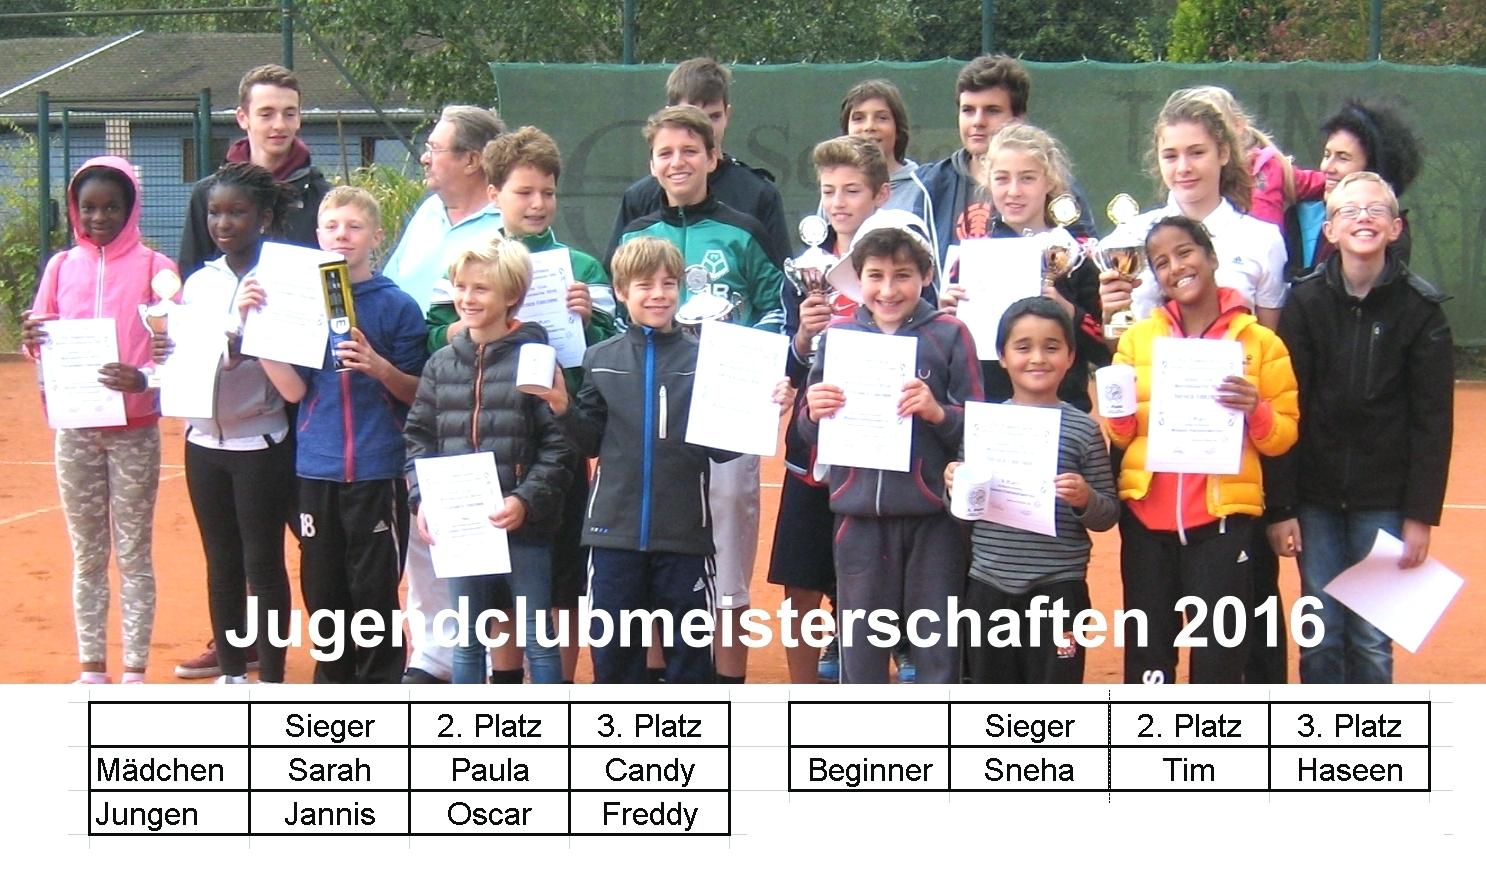 Die Clubmeisterschaften der Jugend 2016